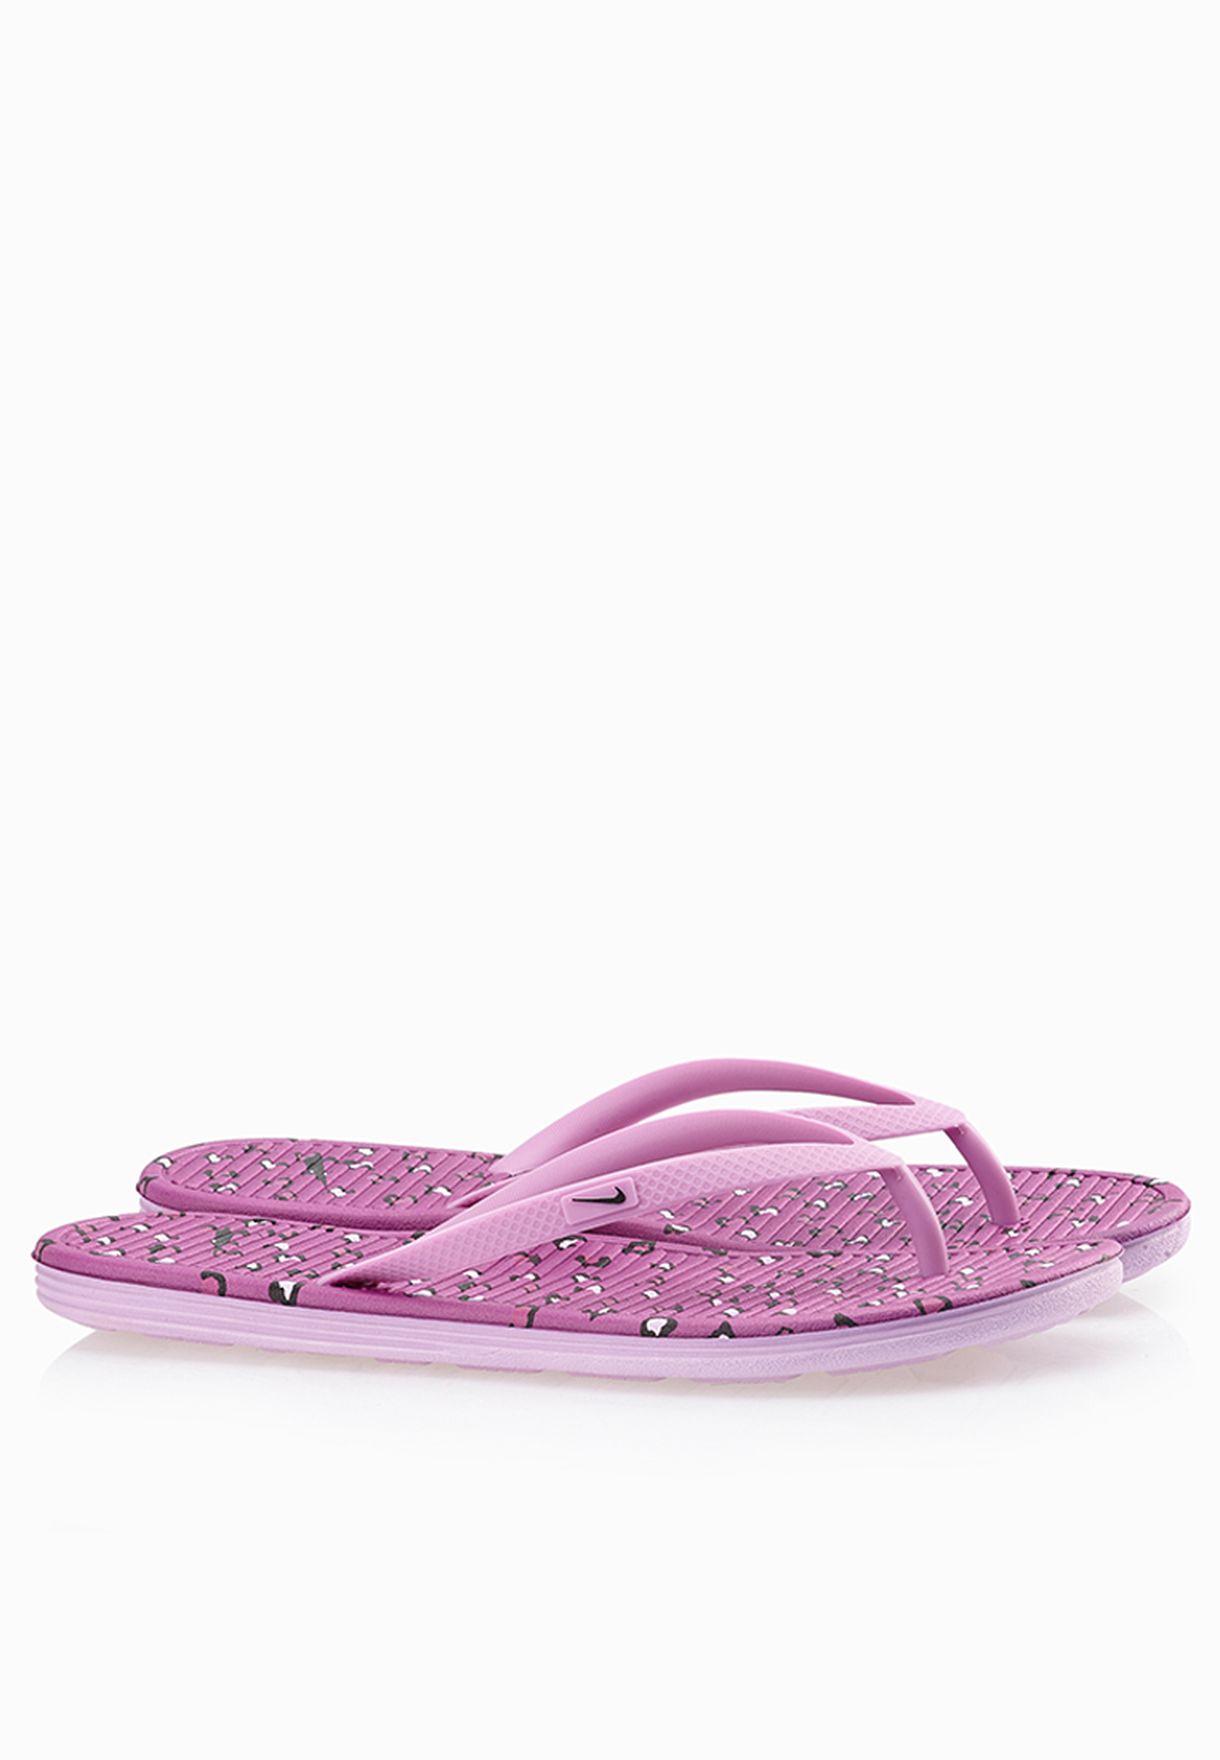 e7cf43bb9bd6 Shop Nike purple Solarsoft Thong II Flip Flops 553486-502 for Women in  Saudi - NI727SH66OIF